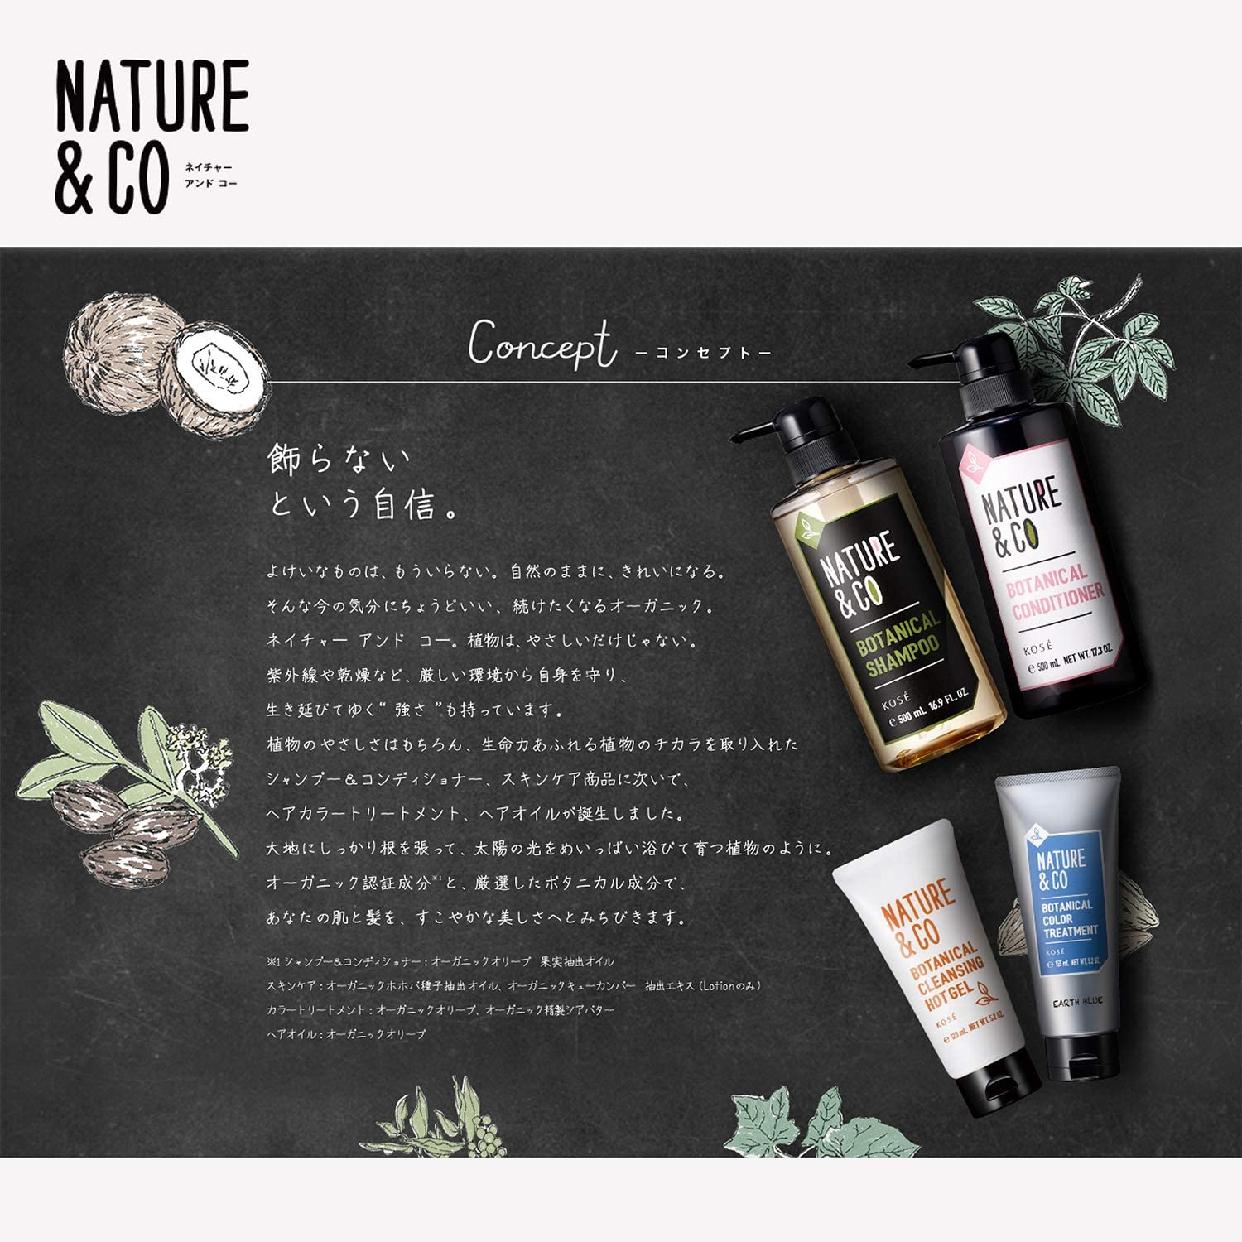 Nature&Co(ネイチャーアンドコー) ボタニカル ローションの商品画像6